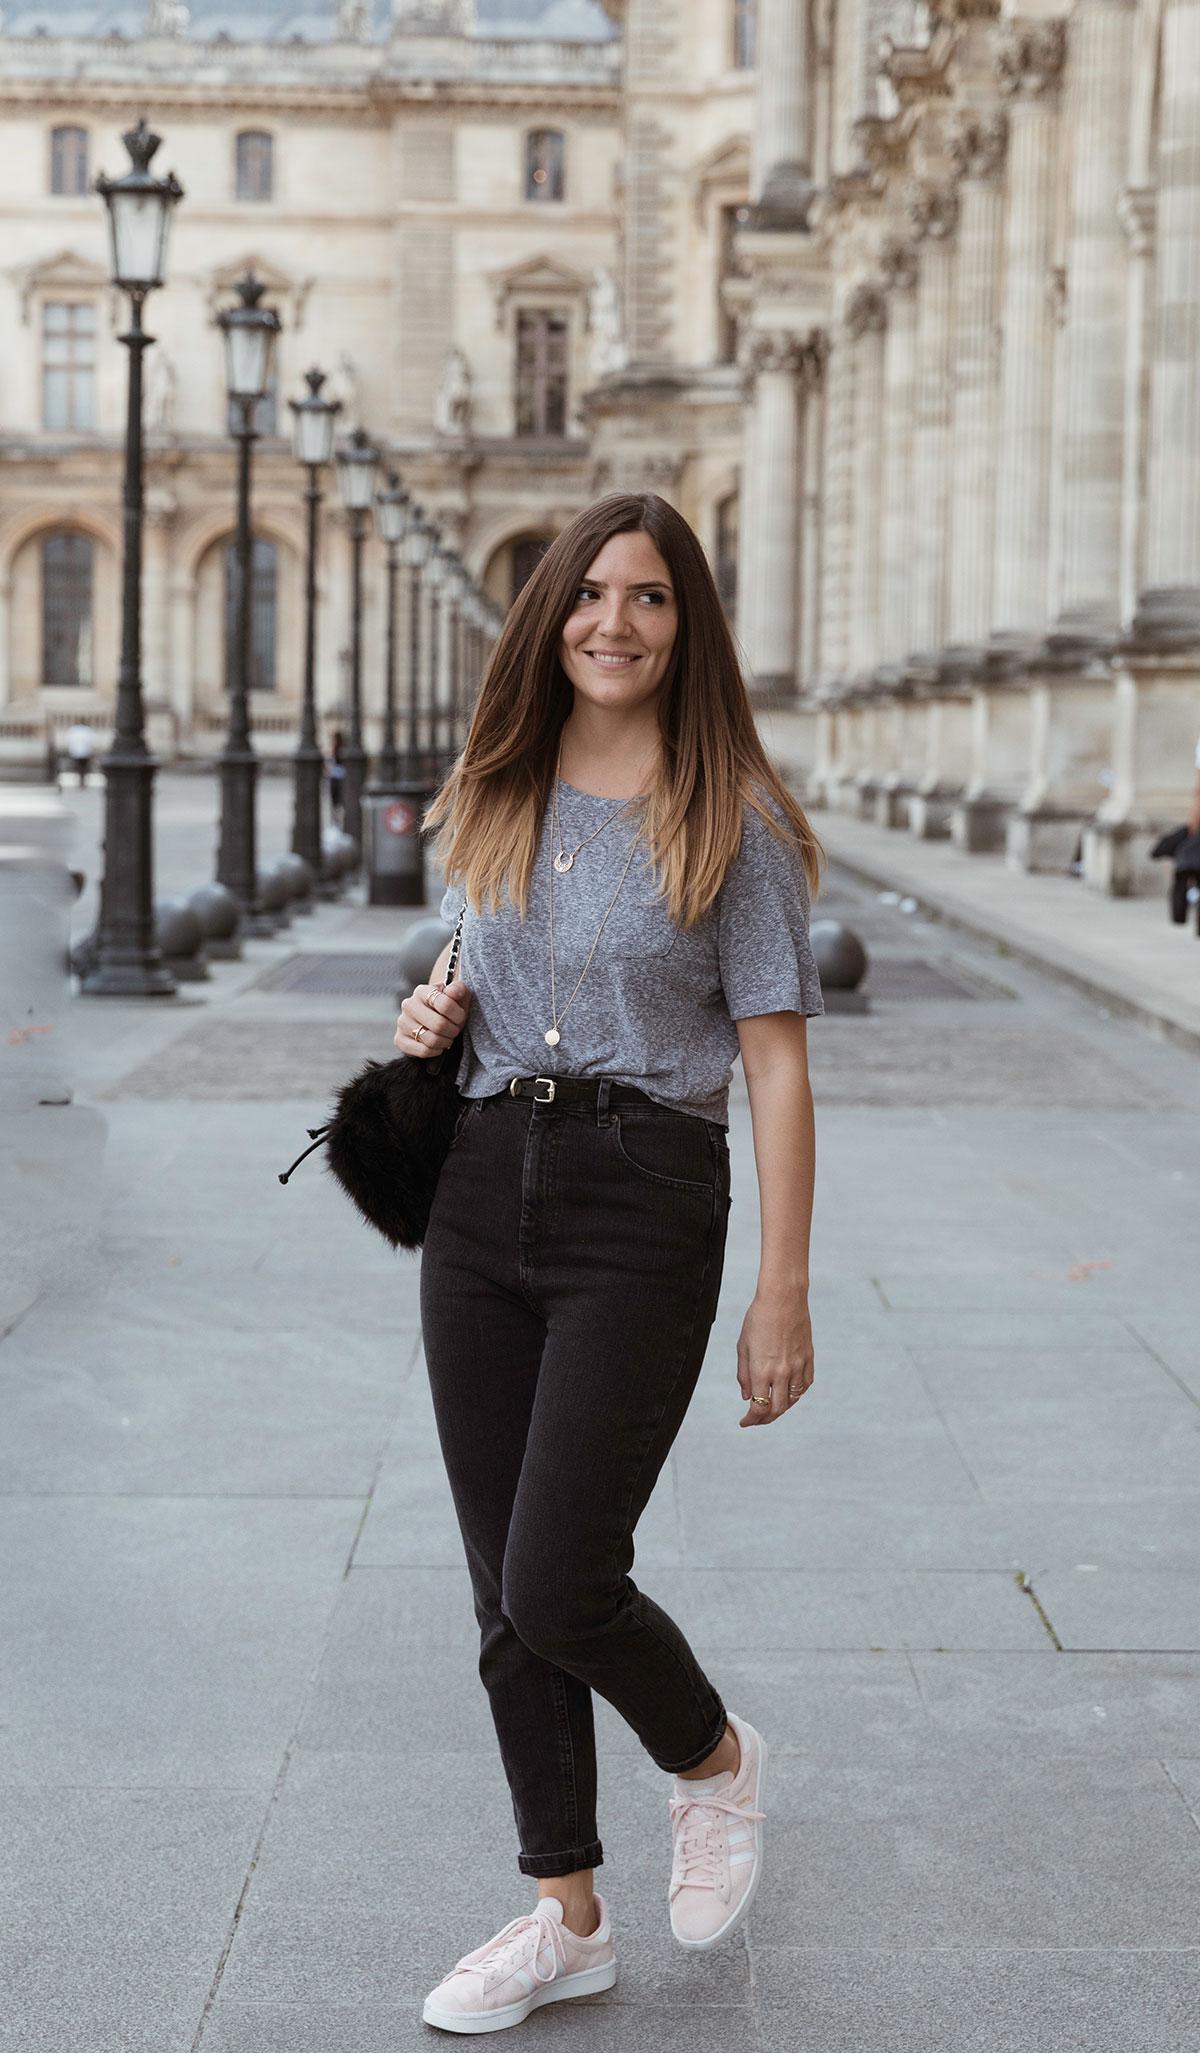 comment-s-habiller-a-la-mi-saison-blog-mode-paris-les-caprices--diris